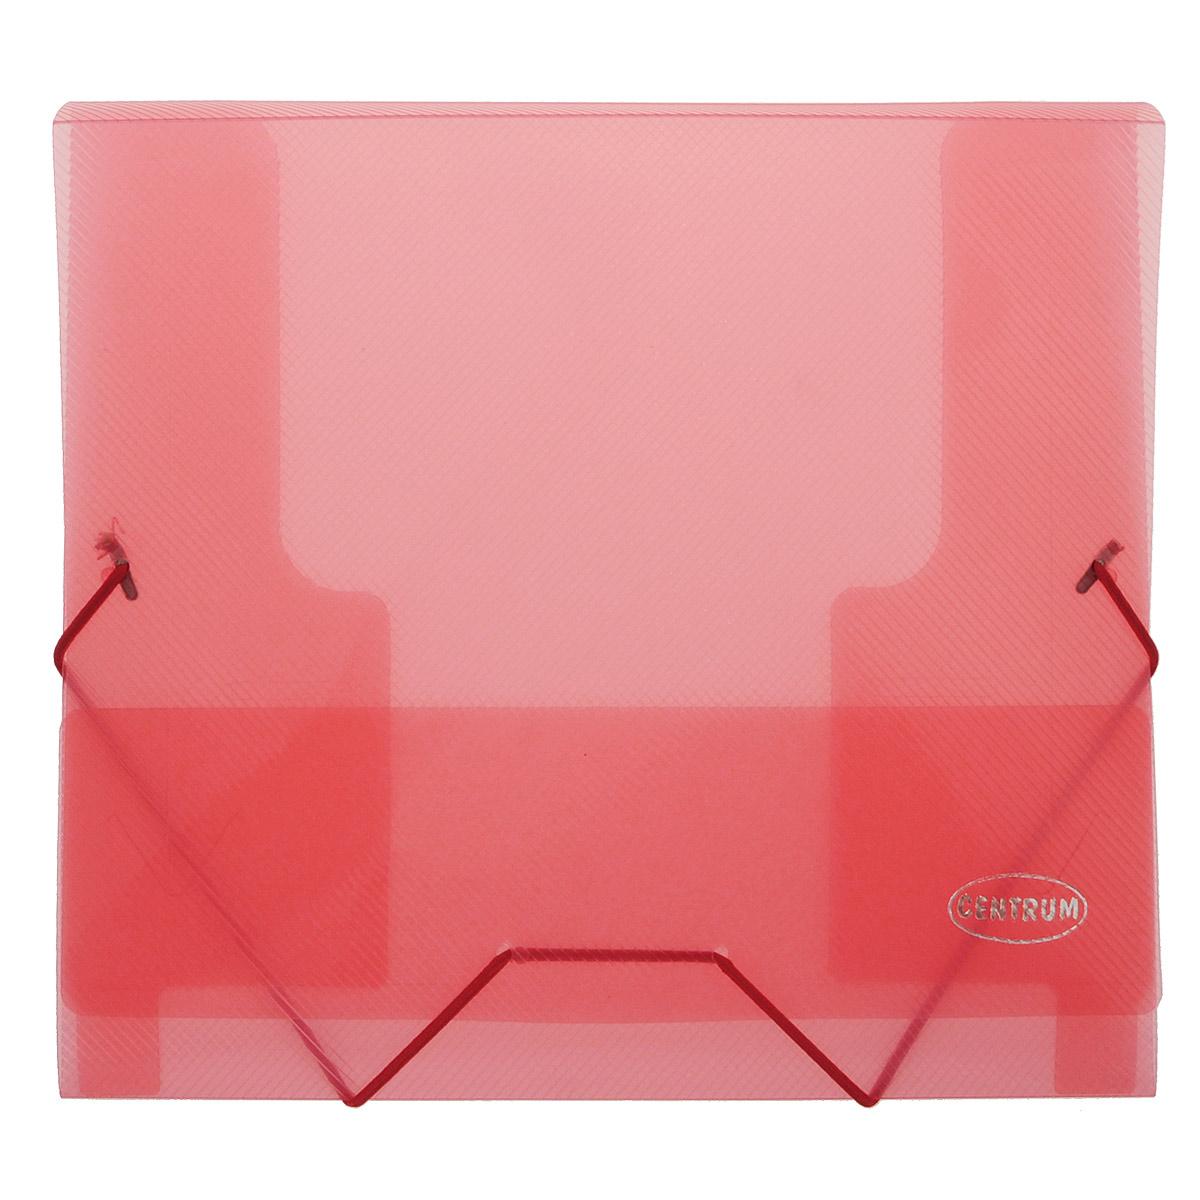 Папка-конверт на резинках Centrum, формат А5, цвет: красный80800 красныйПапка-конверт на резинке Centrum - это удобный и функциональный офисный инструмент, предназначенный для хранения и транспортировки рабочих бумаг и документов формата А5.Папка с двойной угловой фиксацией резиновой лентой изготовлена из износостойкого полупрозрачного полипропилена. Внутри папка имеет три клапана, что обеспечивает надежную фиксацию бумаг и документов. Оформлена тиснением в виде параллельной штриховки. Папка - это незаменимый атрибут для студента, школьника, офисного работника. Такая папка надежно сохранит ваши документы и сбережет их от повреждений, пыли и влаги.